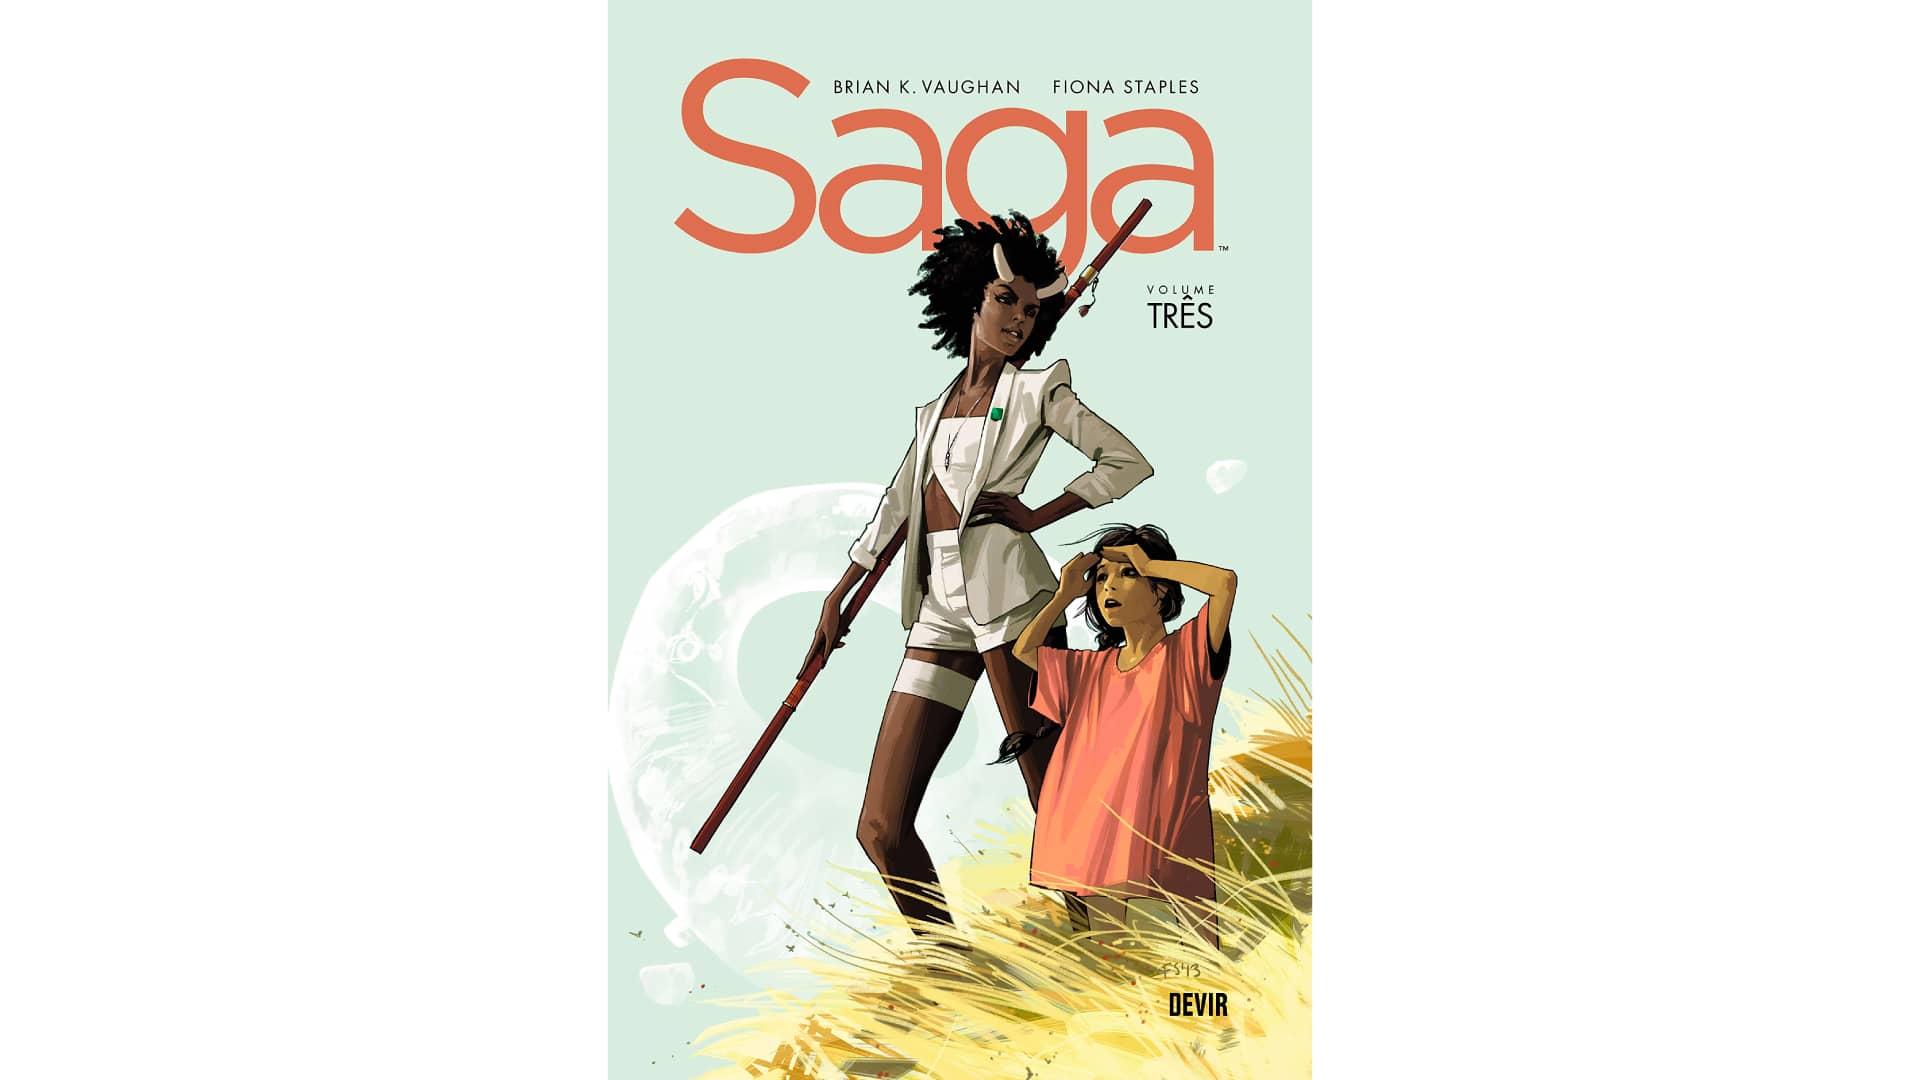 Le tome 3 de Saga montre la première partie du plan de la famille d'Alana, Marko et Hazel, alors qu'ils arrivent sur la planète, patrie de l'écrivain du livre qui les a inspirés.